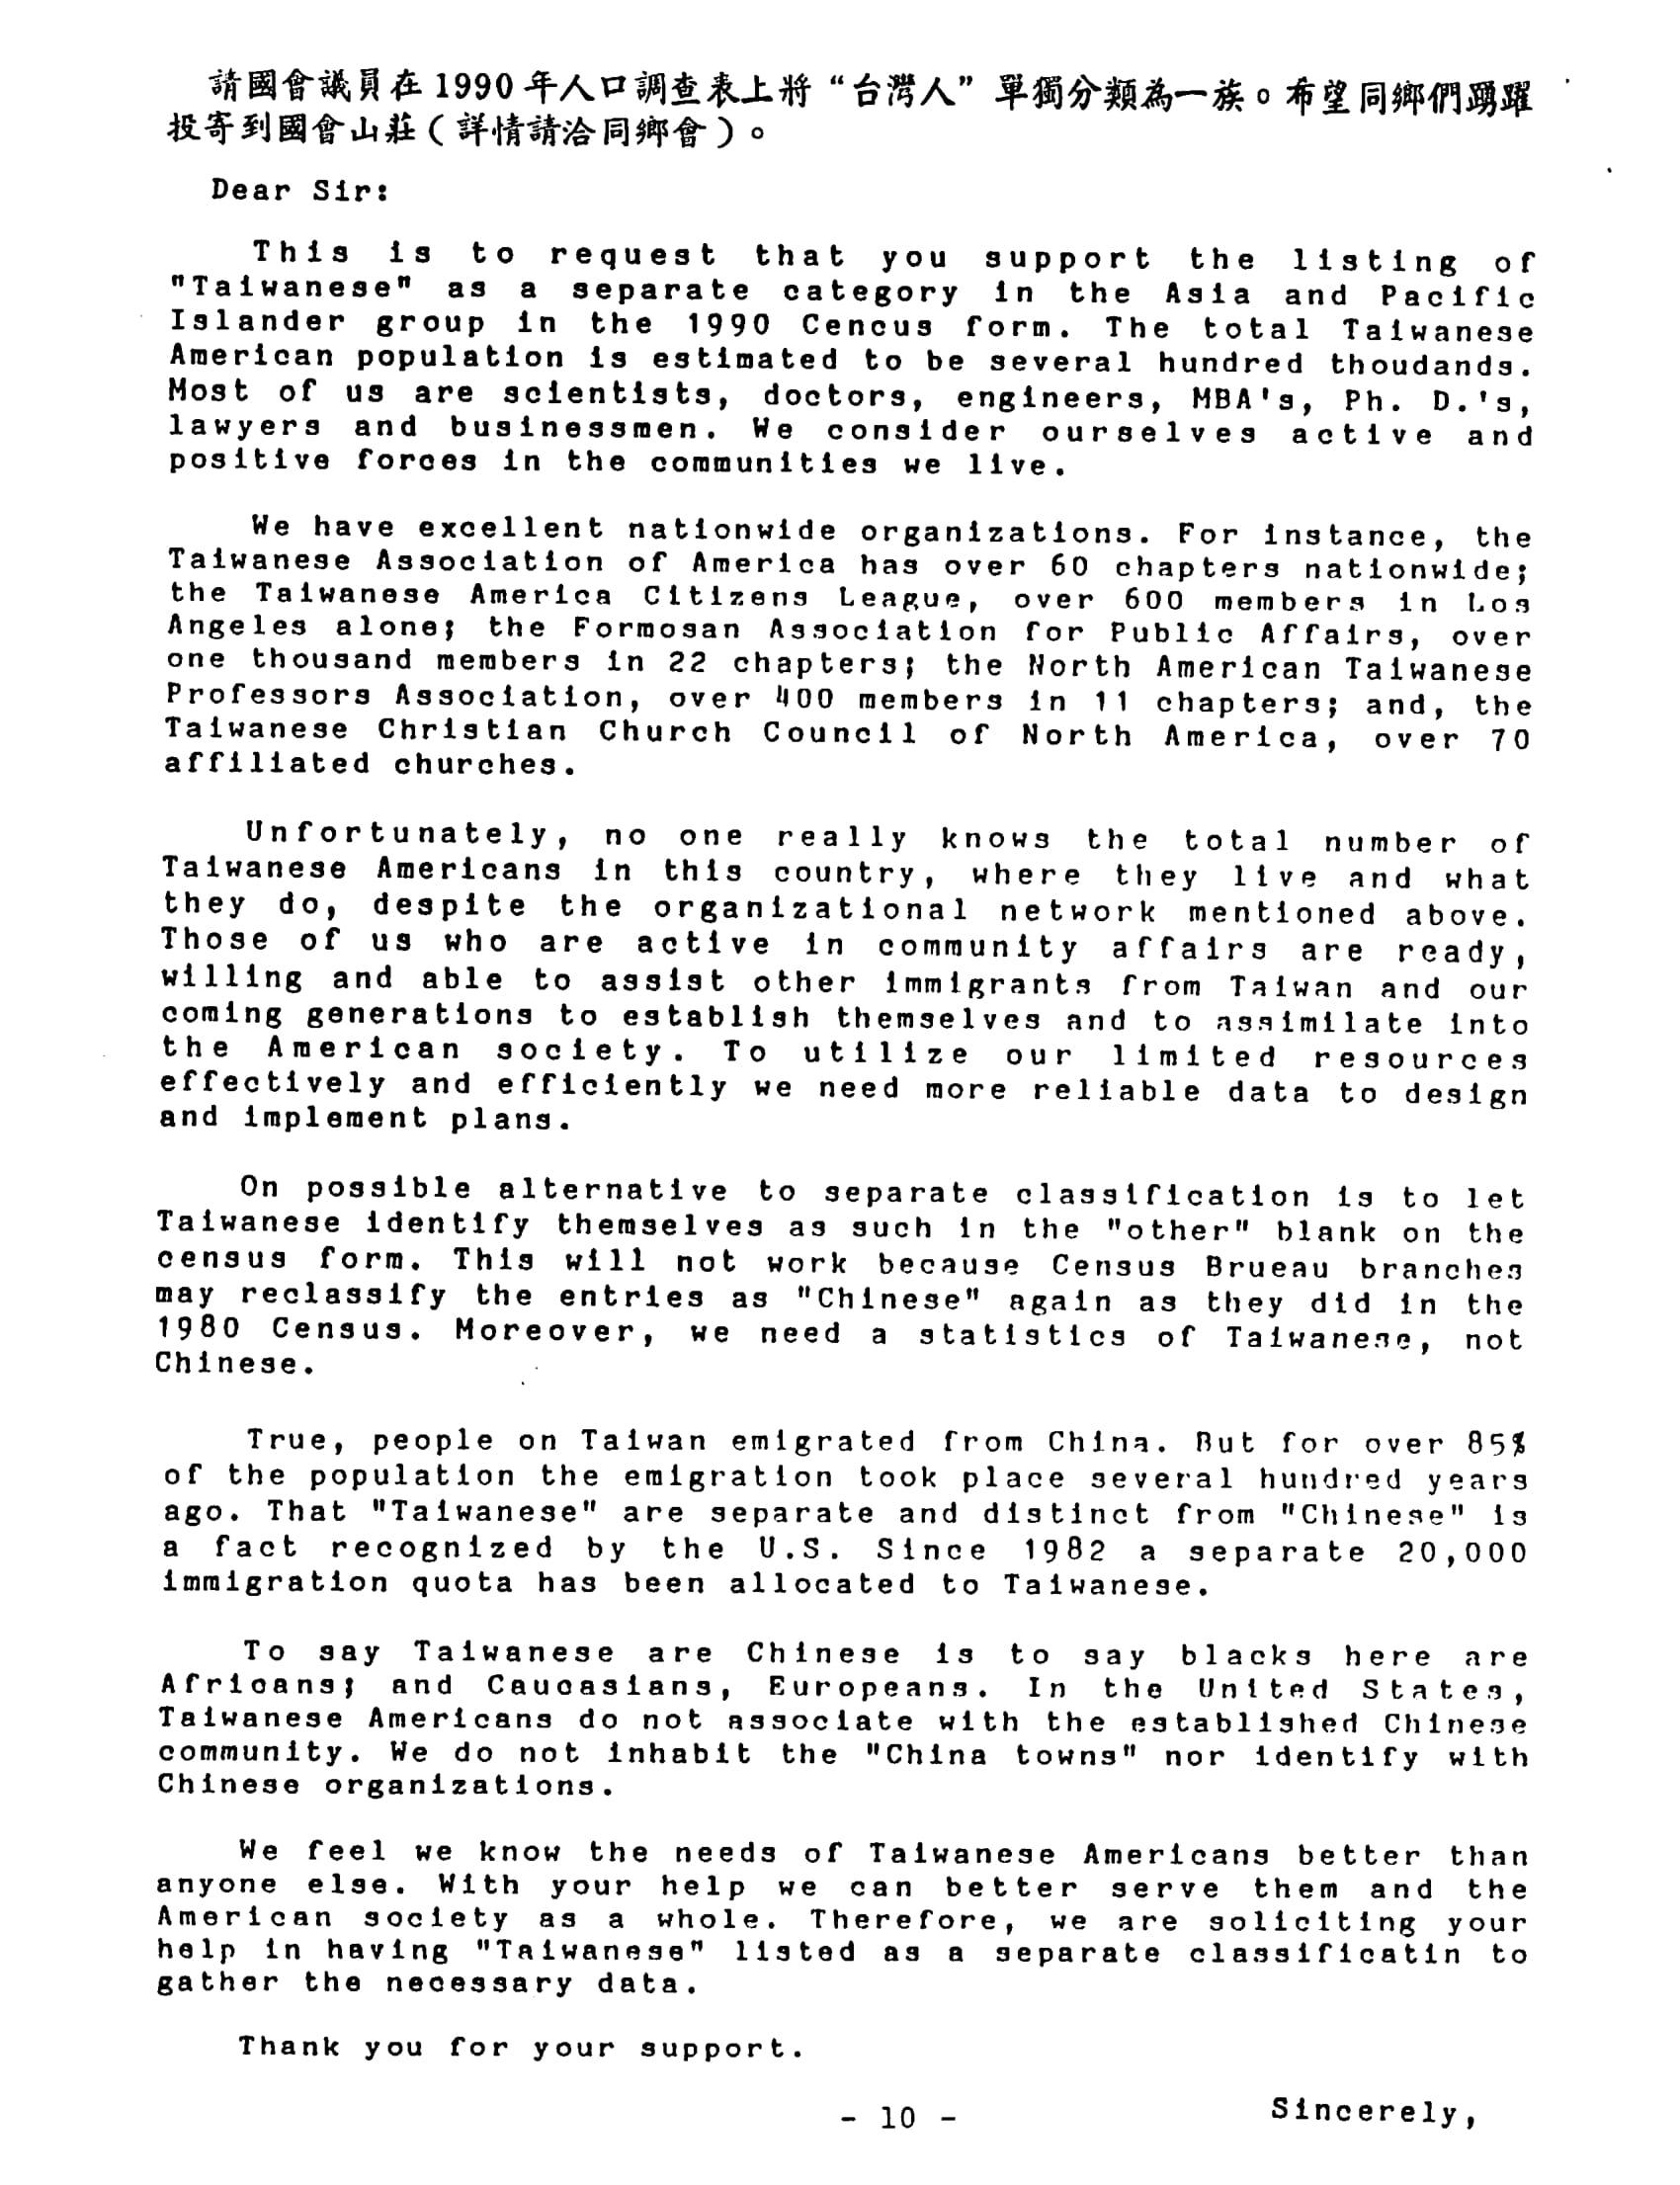 TA Census Campaign 1990